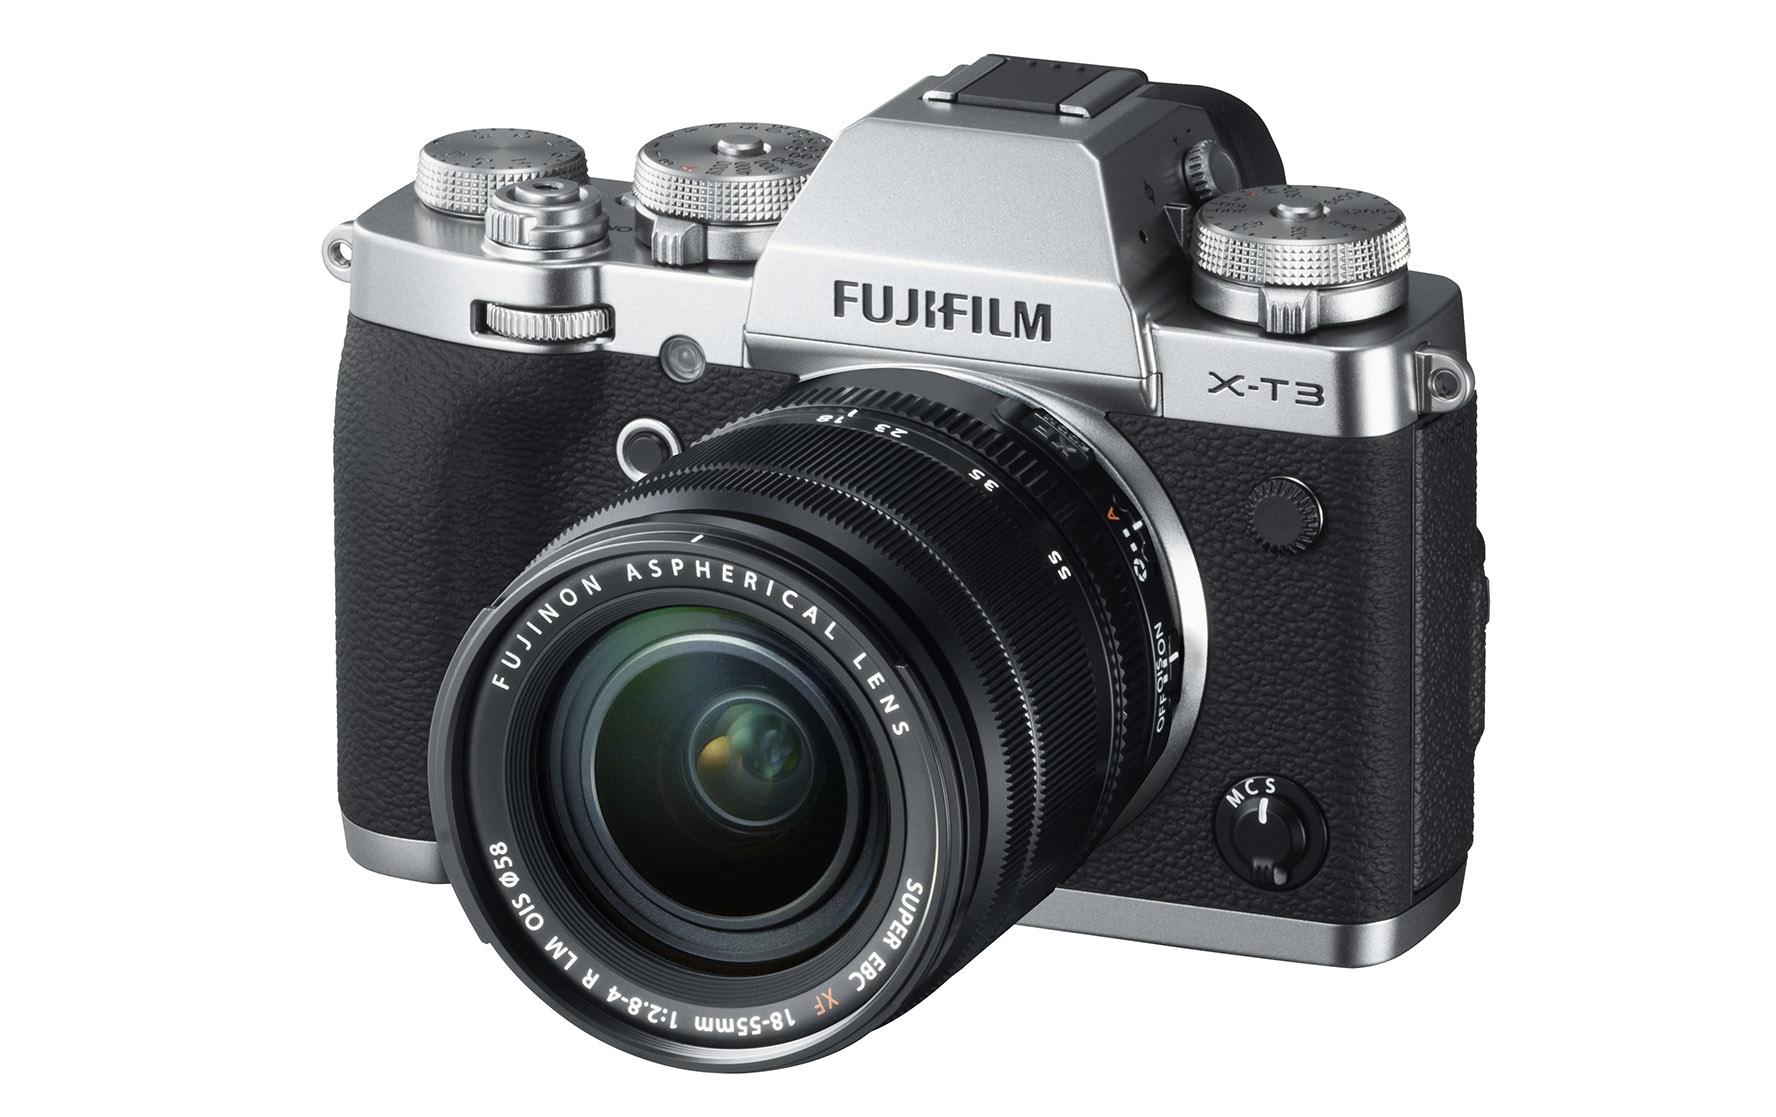 Στο Public η πρώτη αποκλειστική παρουσίαση του μοντέλου Fujifilm Χ-Τ3 από τον φωτογράφο Ανδρέα Καμούτση